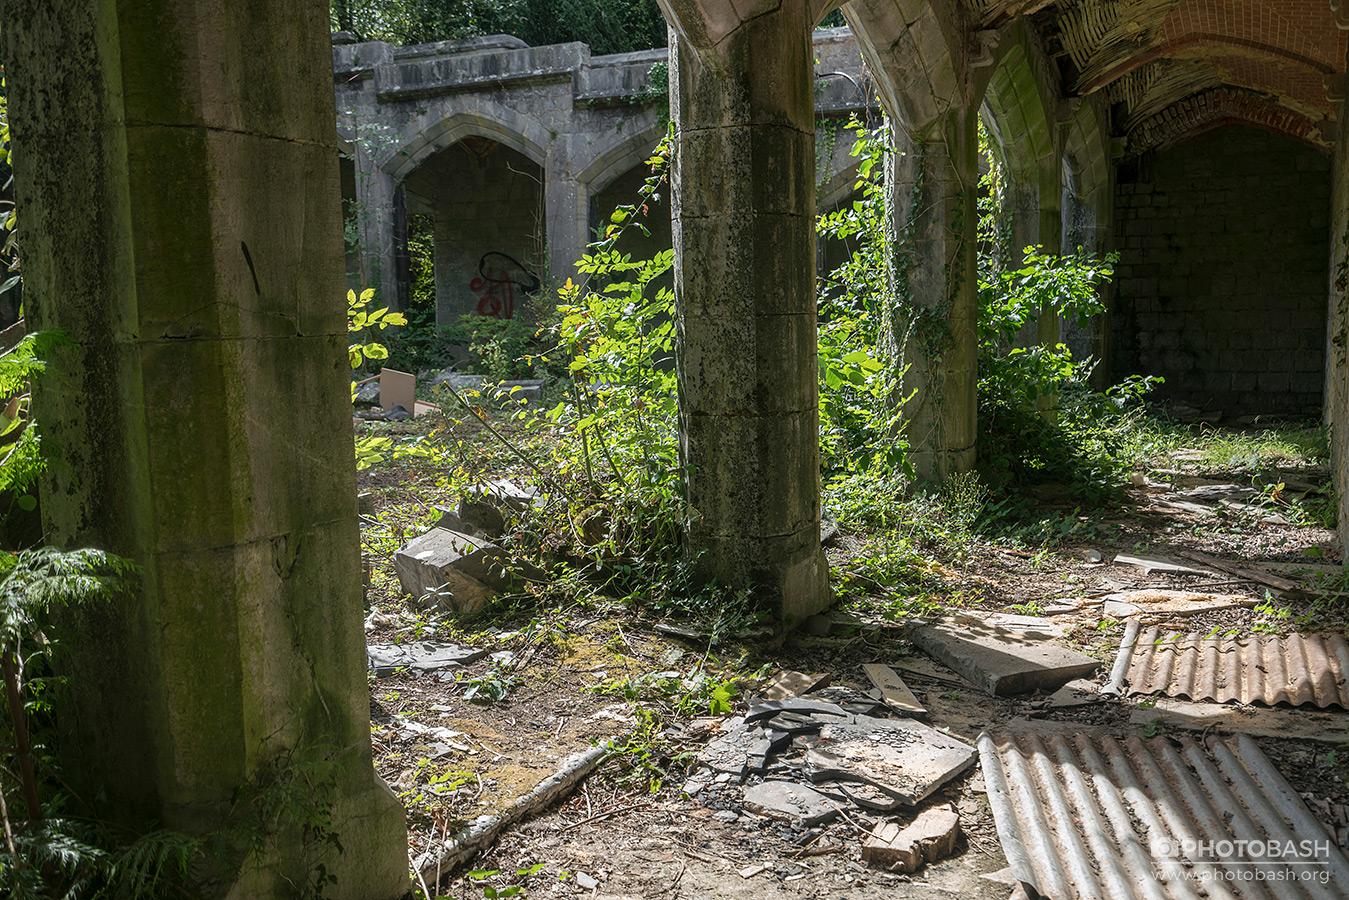 تصاویر رفرنس از قلعه پوشیده از گیاه